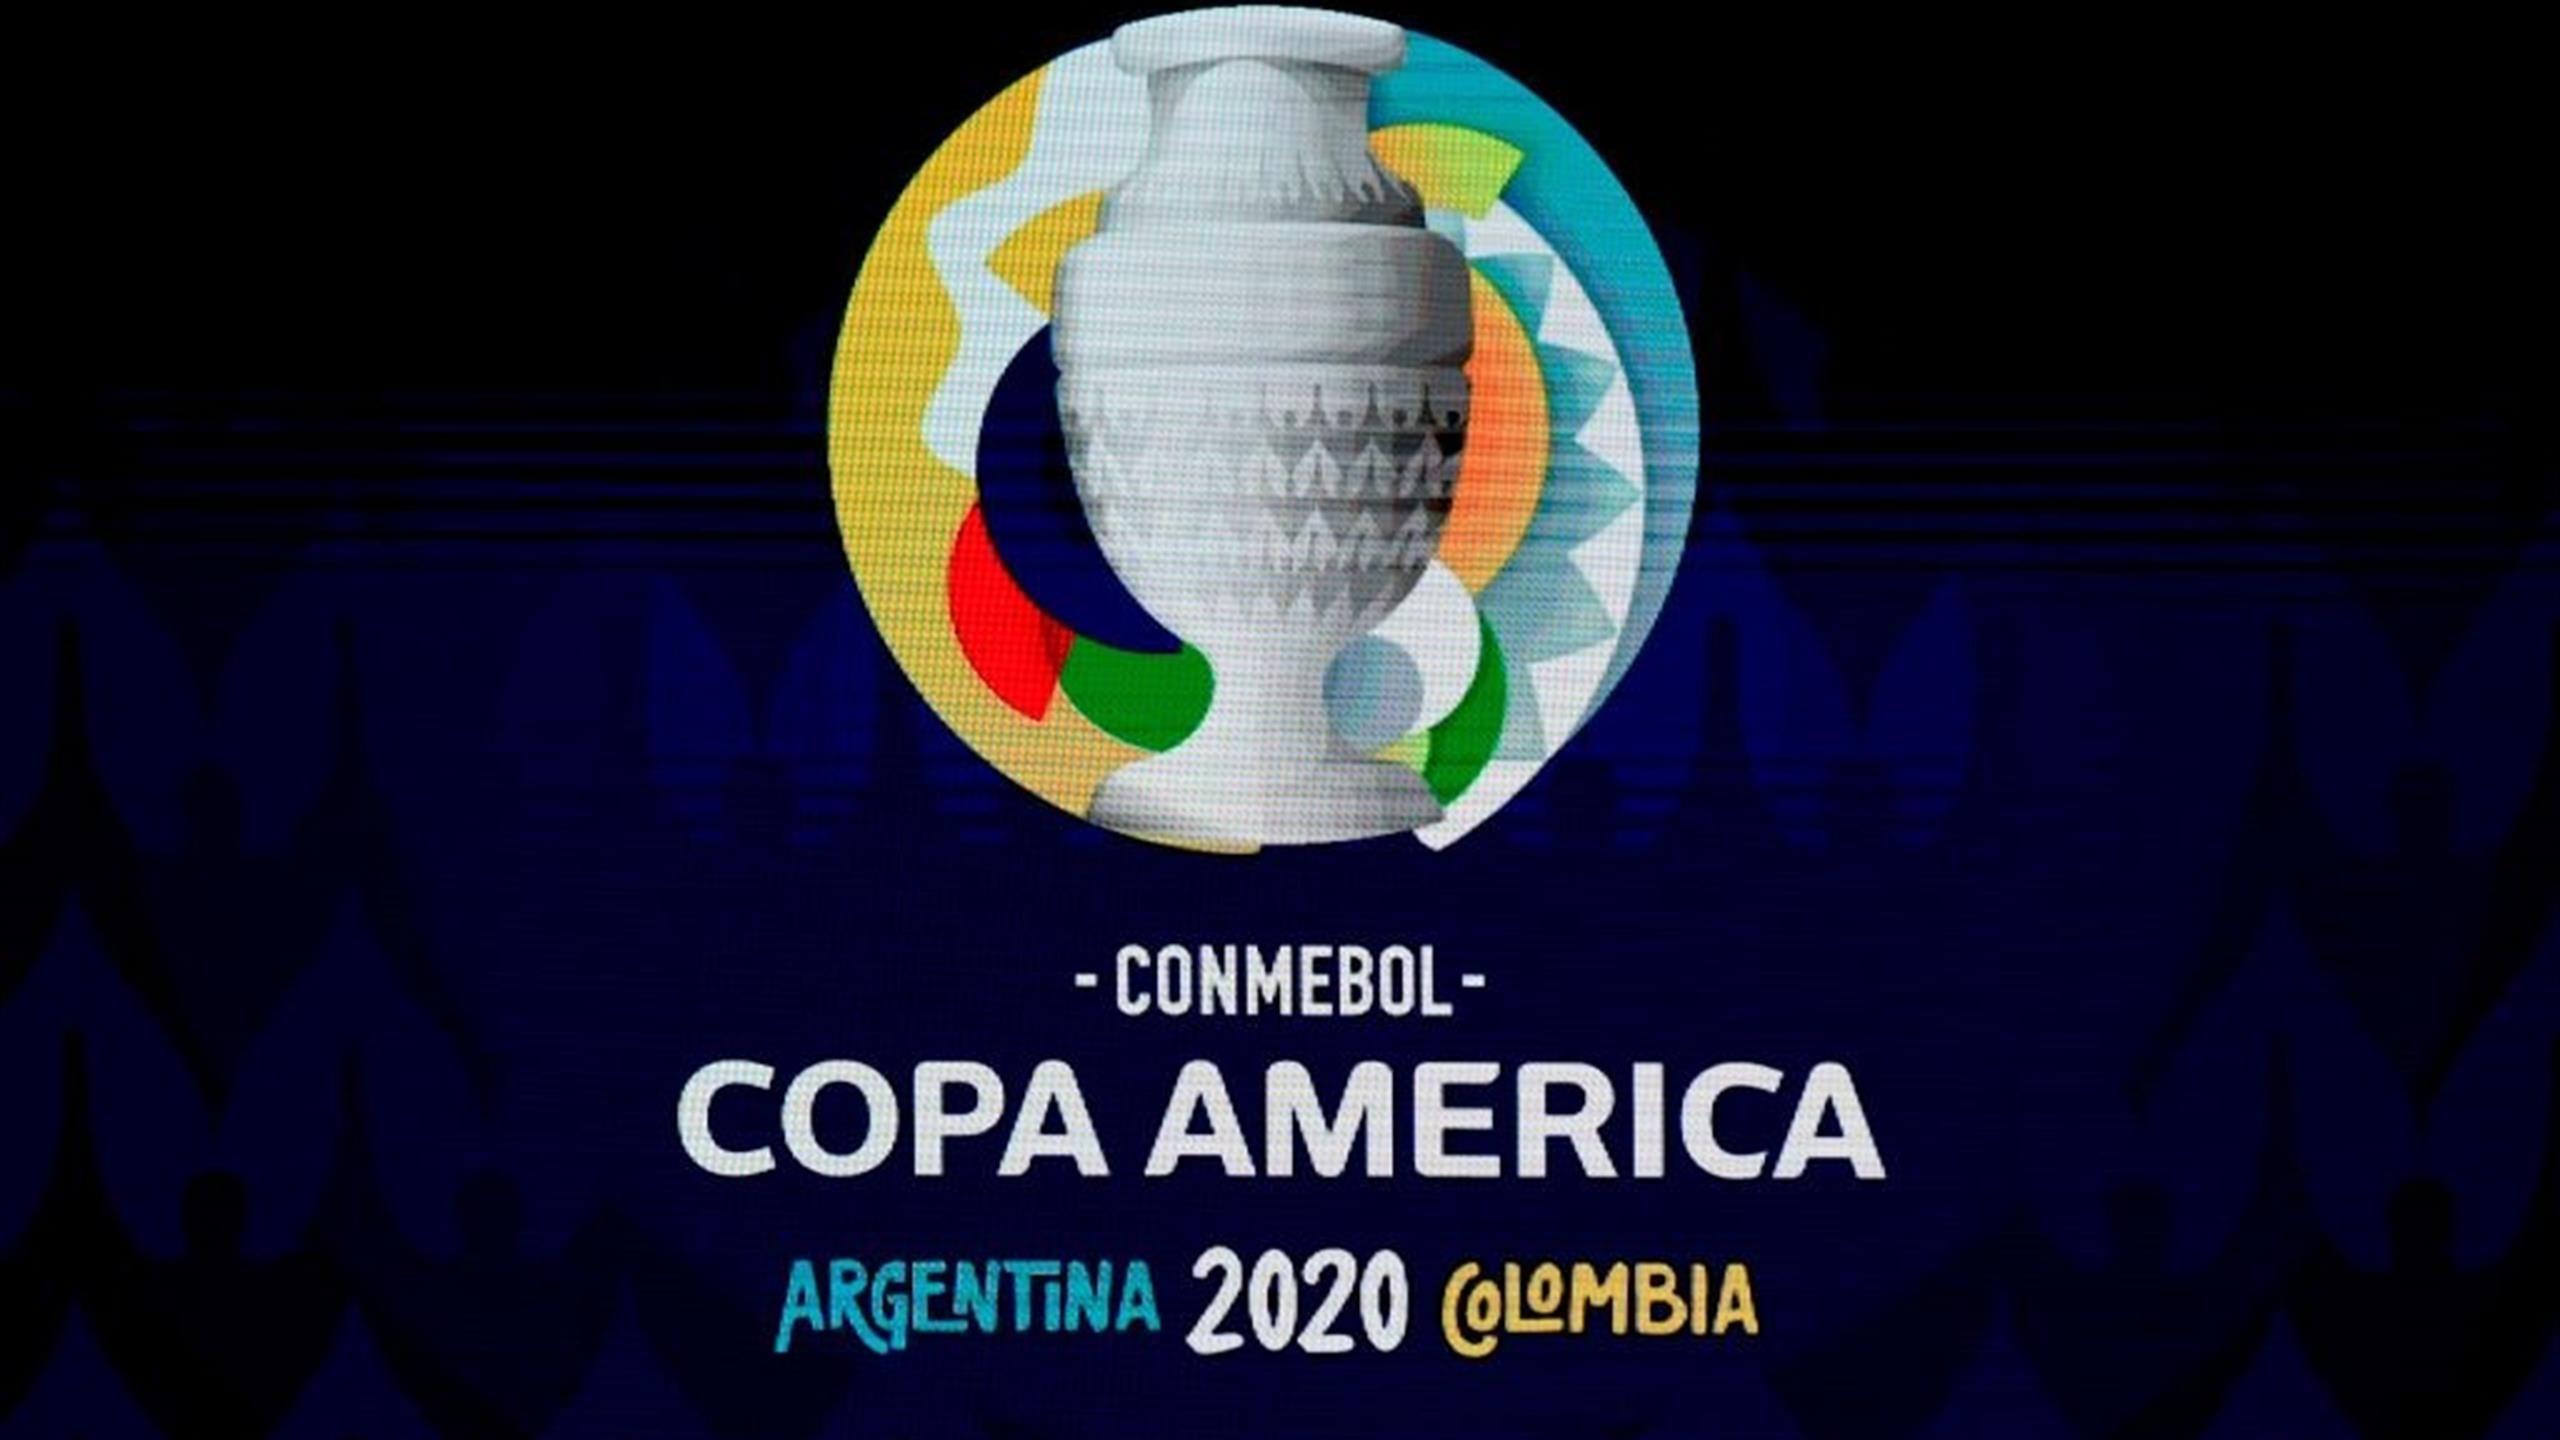 Covid-19 : La Copa América n'aura pas lieu en Argentine mais au Brésil